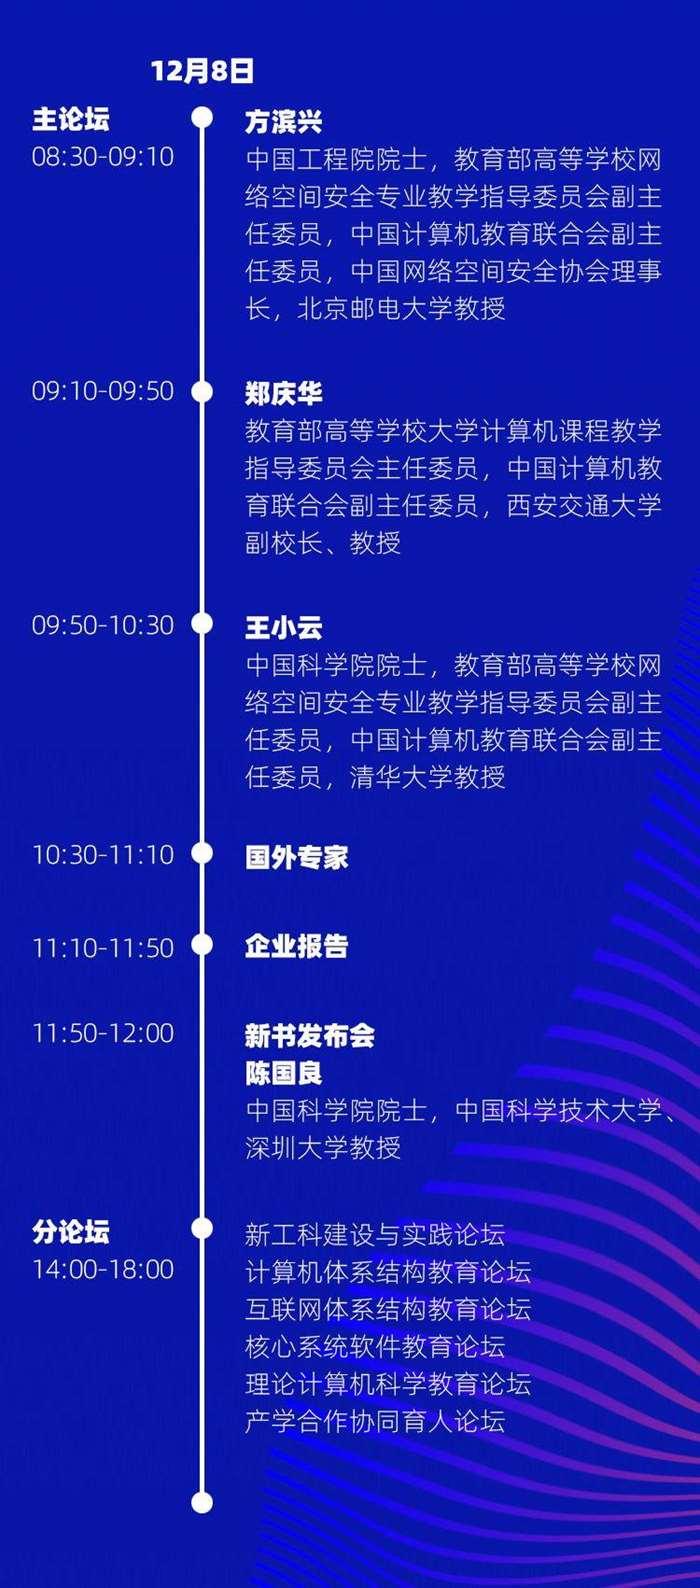 计算机教育大会12.8日程新.jpg